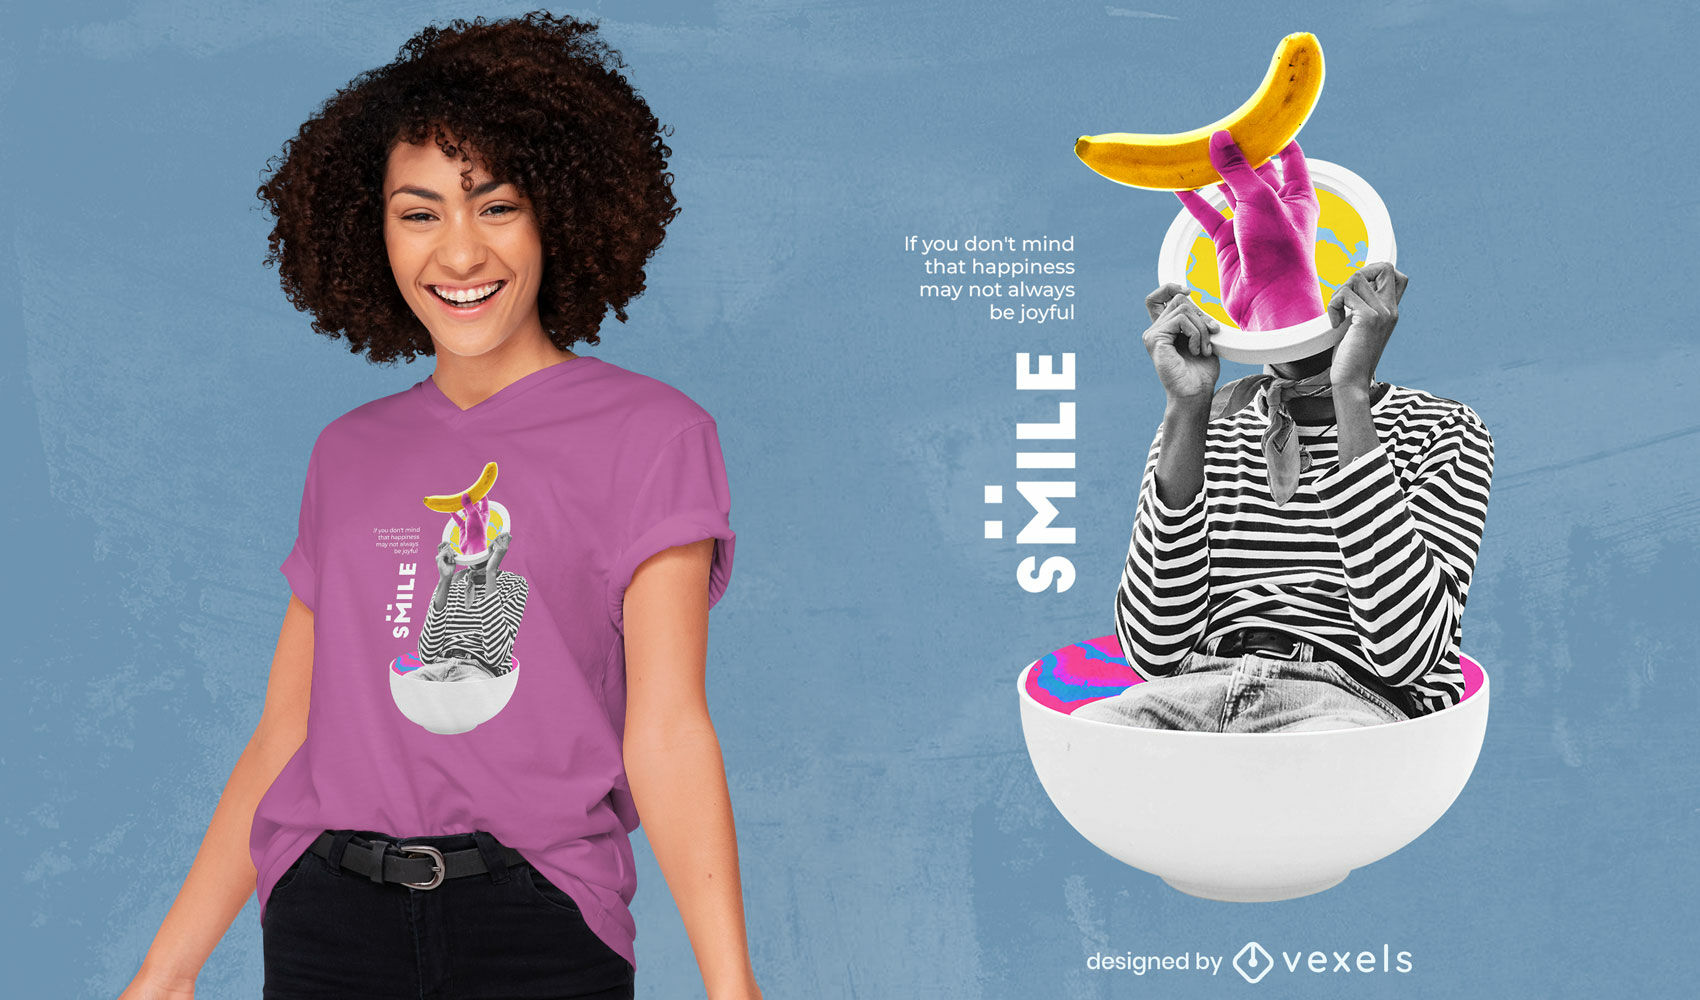 Sonrisa niña en tazón psd collage psicodélico diseño de camiseta